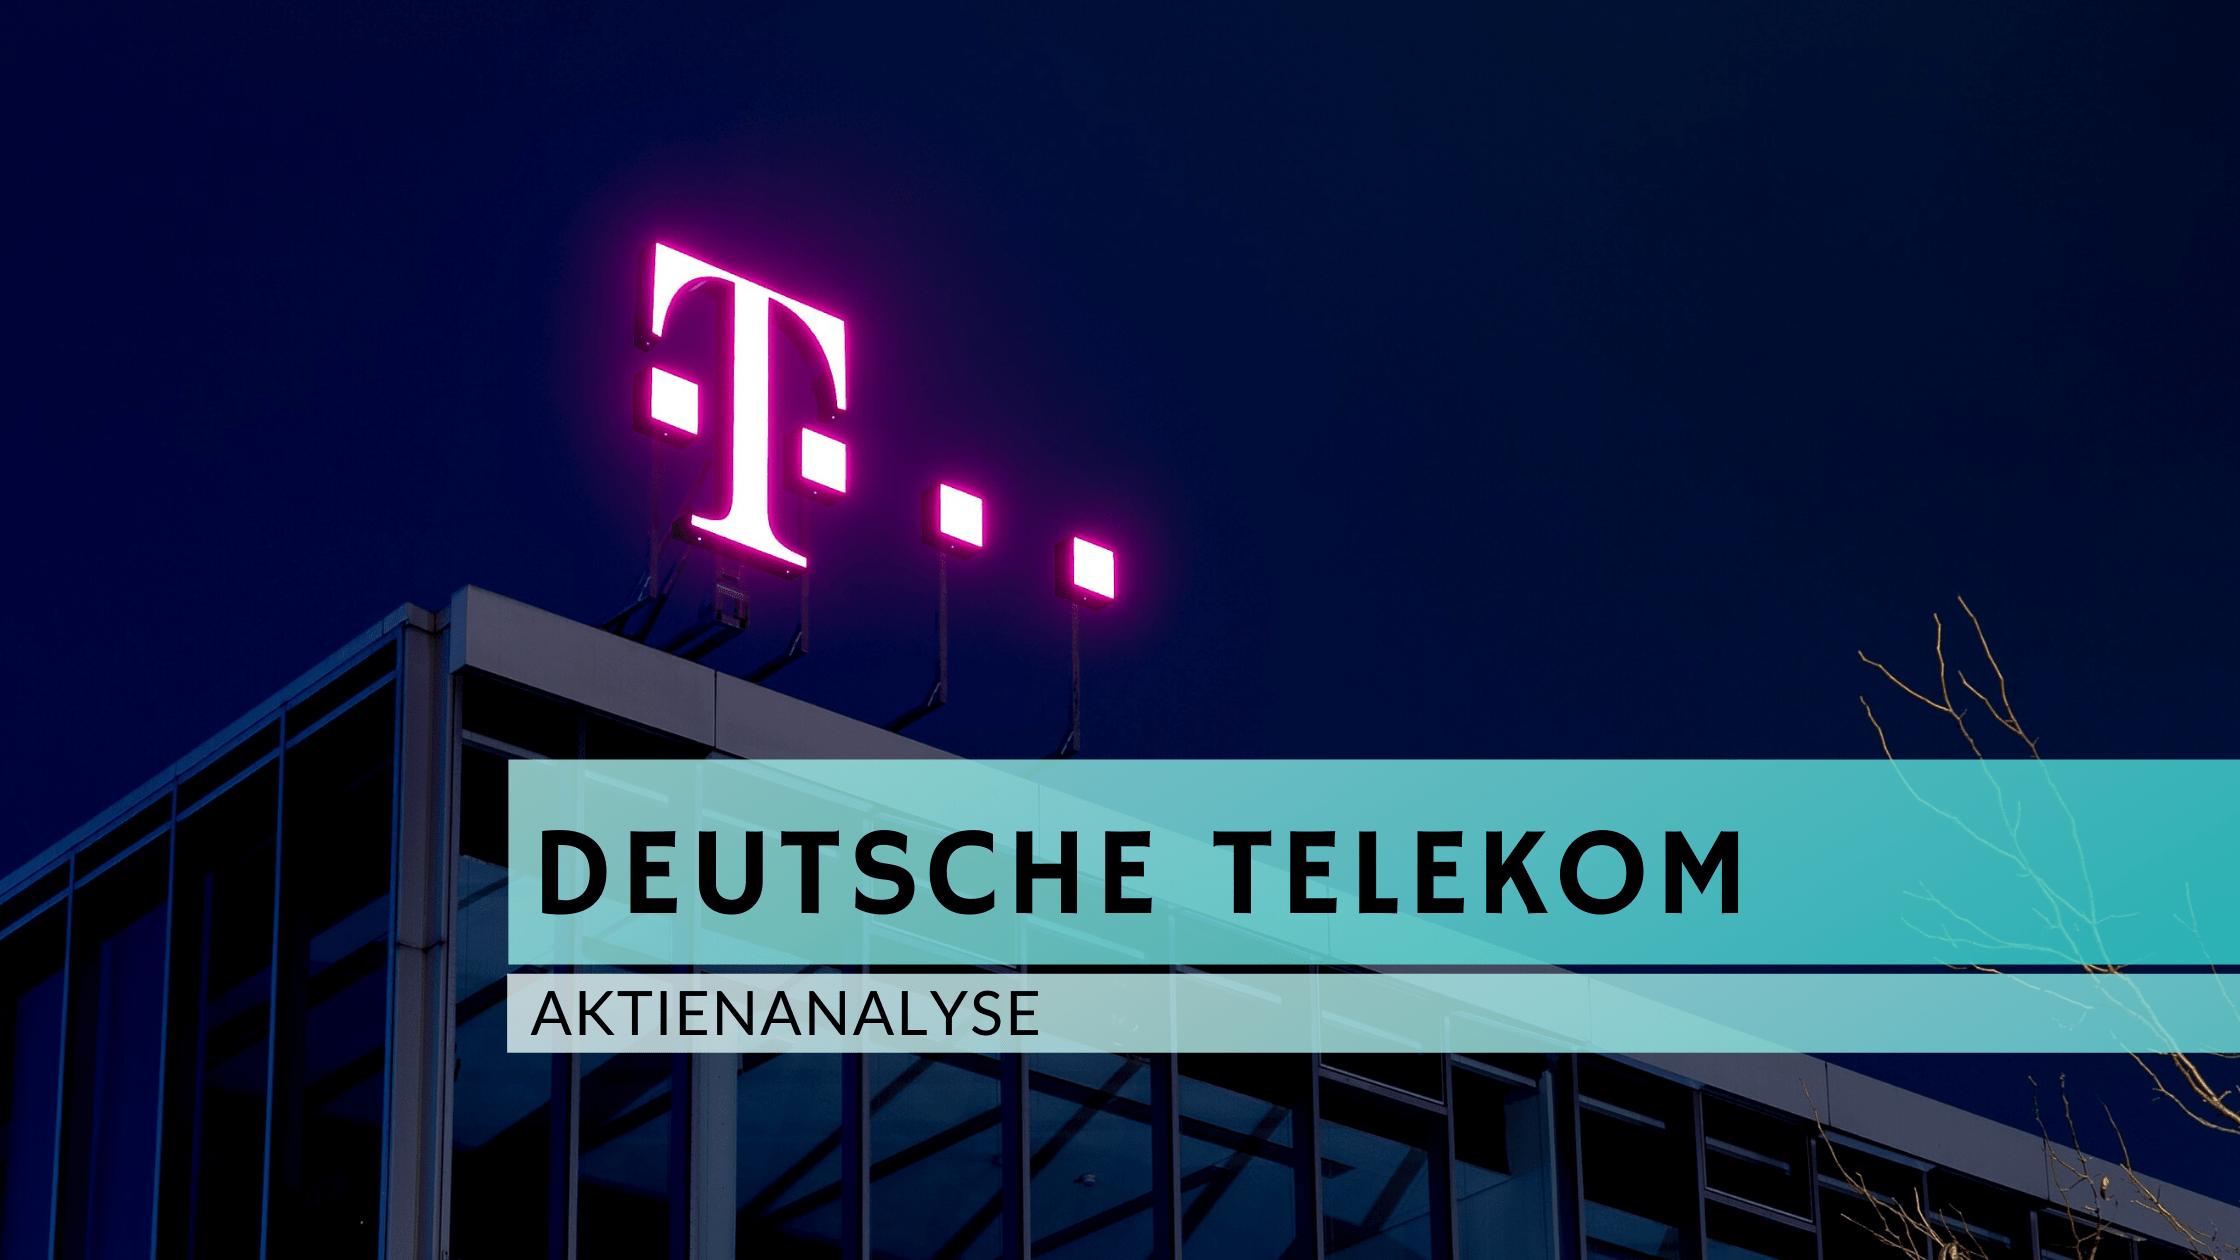 Deutsche Telekom Aktienanalyse